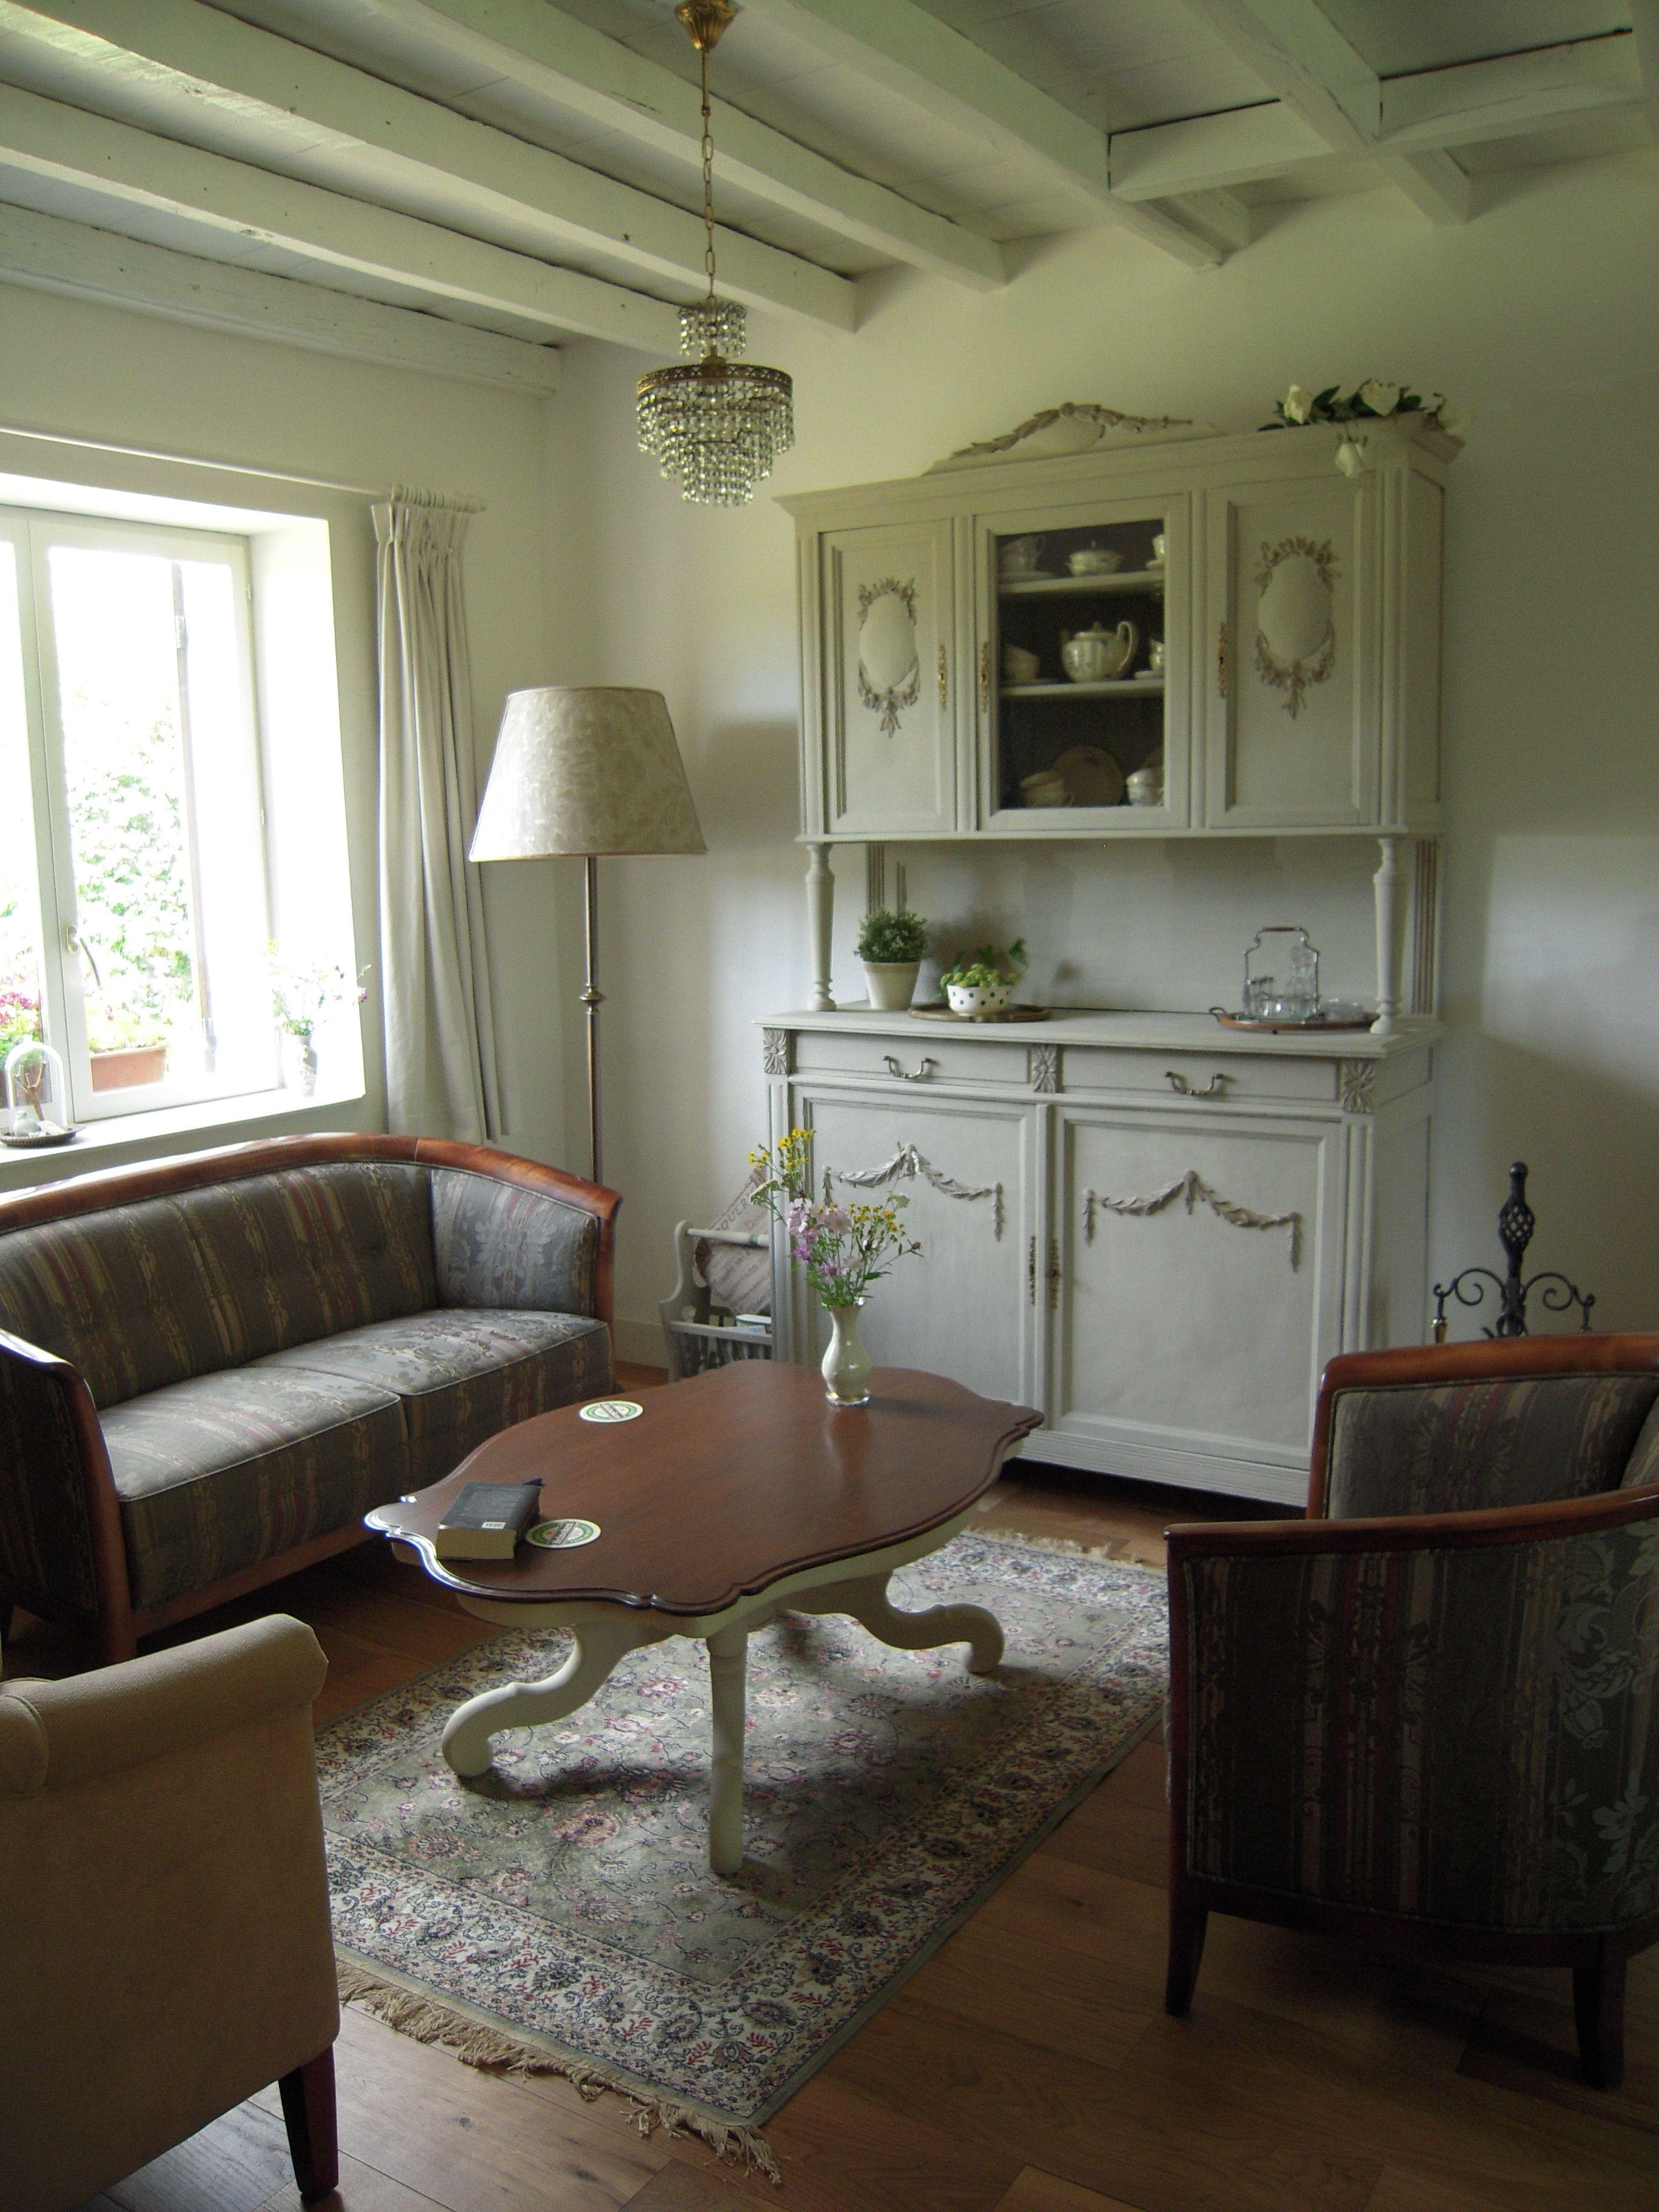 Brocante interieur van huiskamer diy oude lampenkap is for Interieur huiskamer